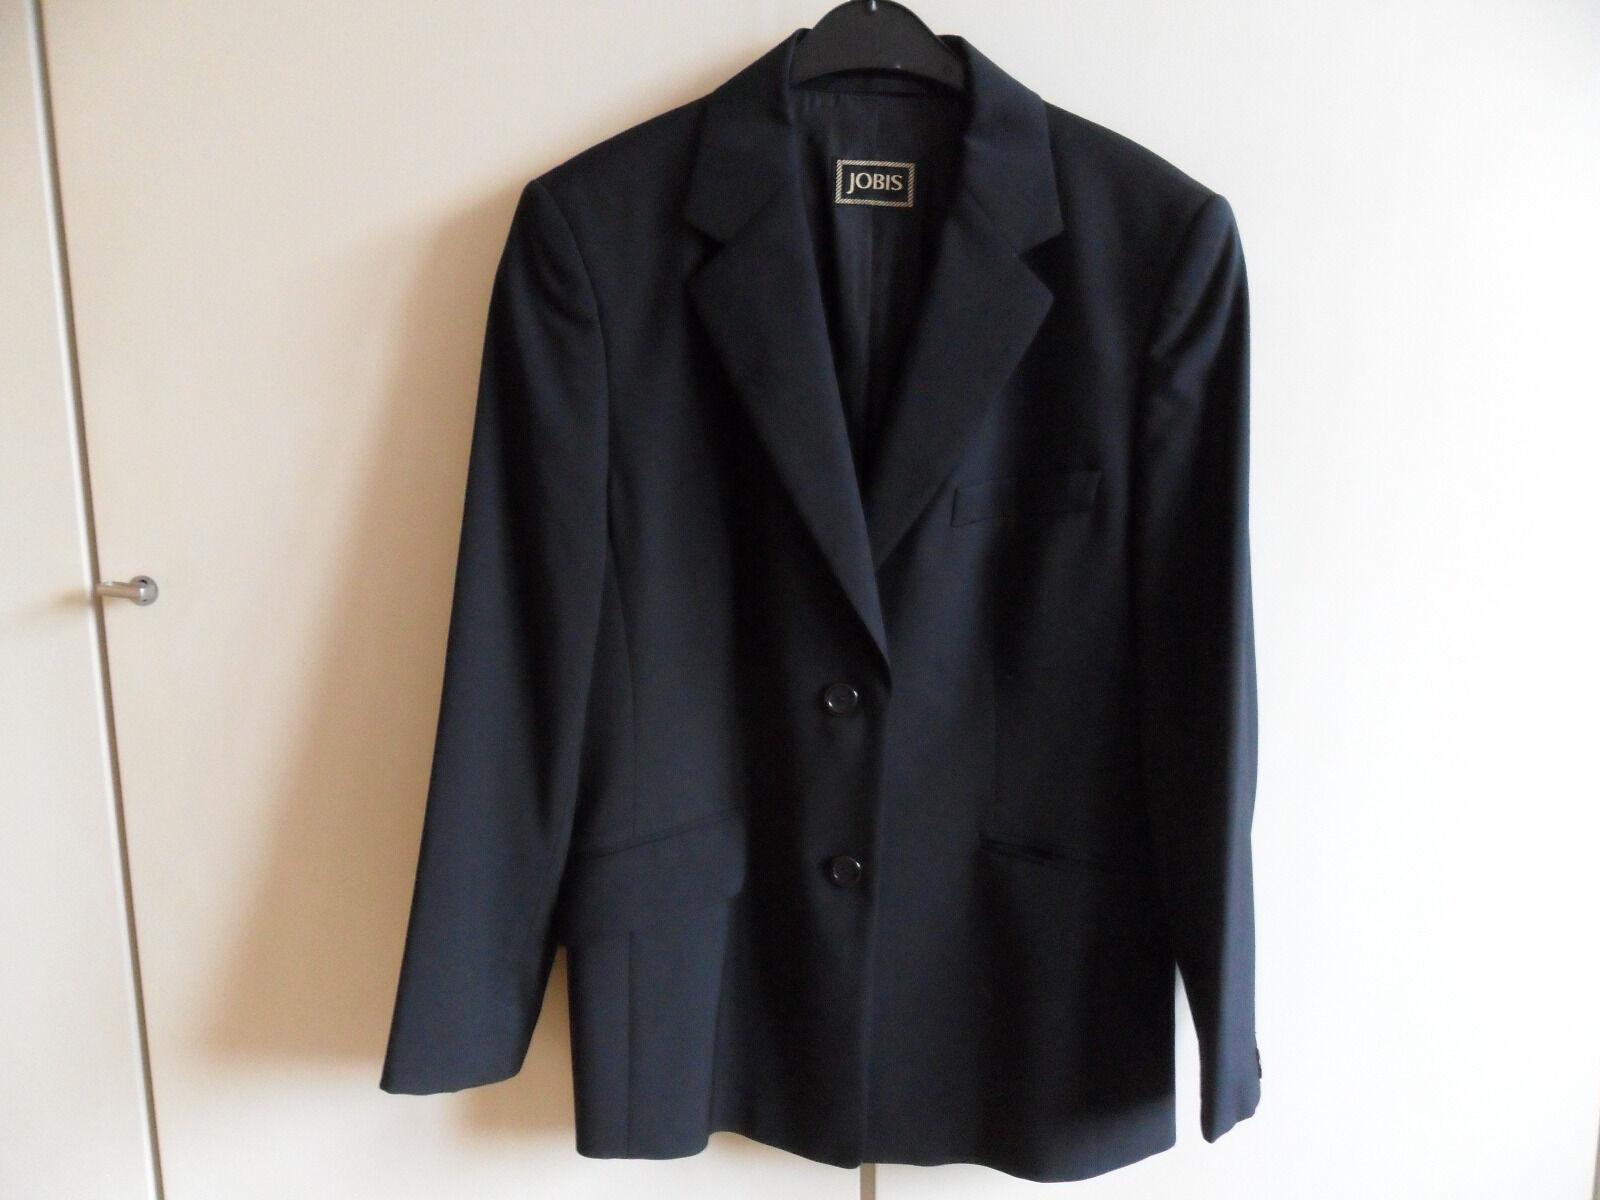 Damenblazer, Damenjacke, Gr. 40 42, schwarz, Schurwolle, JOBIS